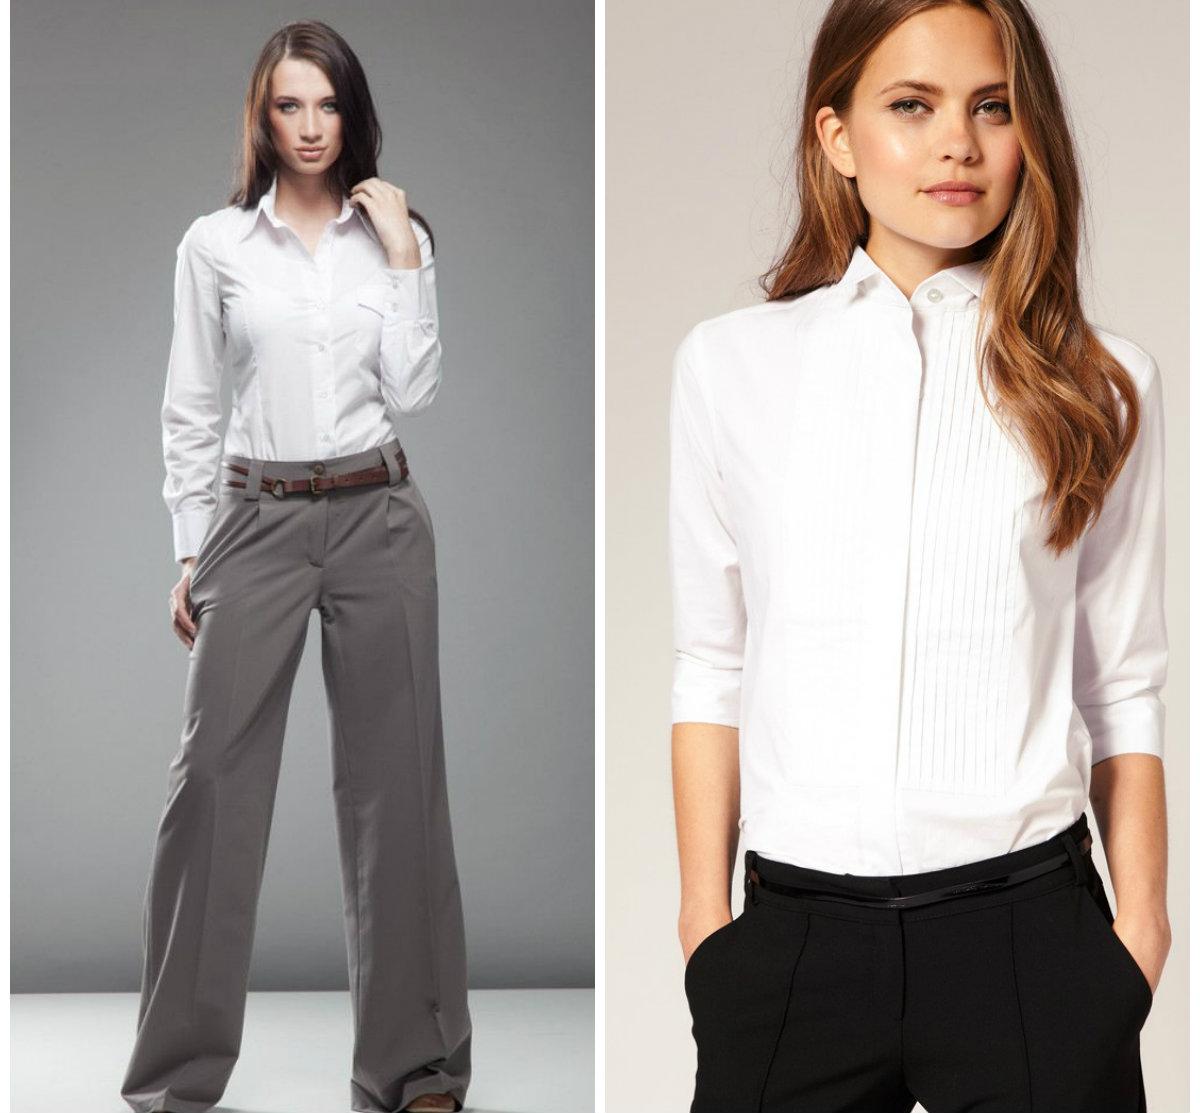 Женские-блузки-2018-сорочки-Фото-Модные блузки 2018-Женские блузки 2018